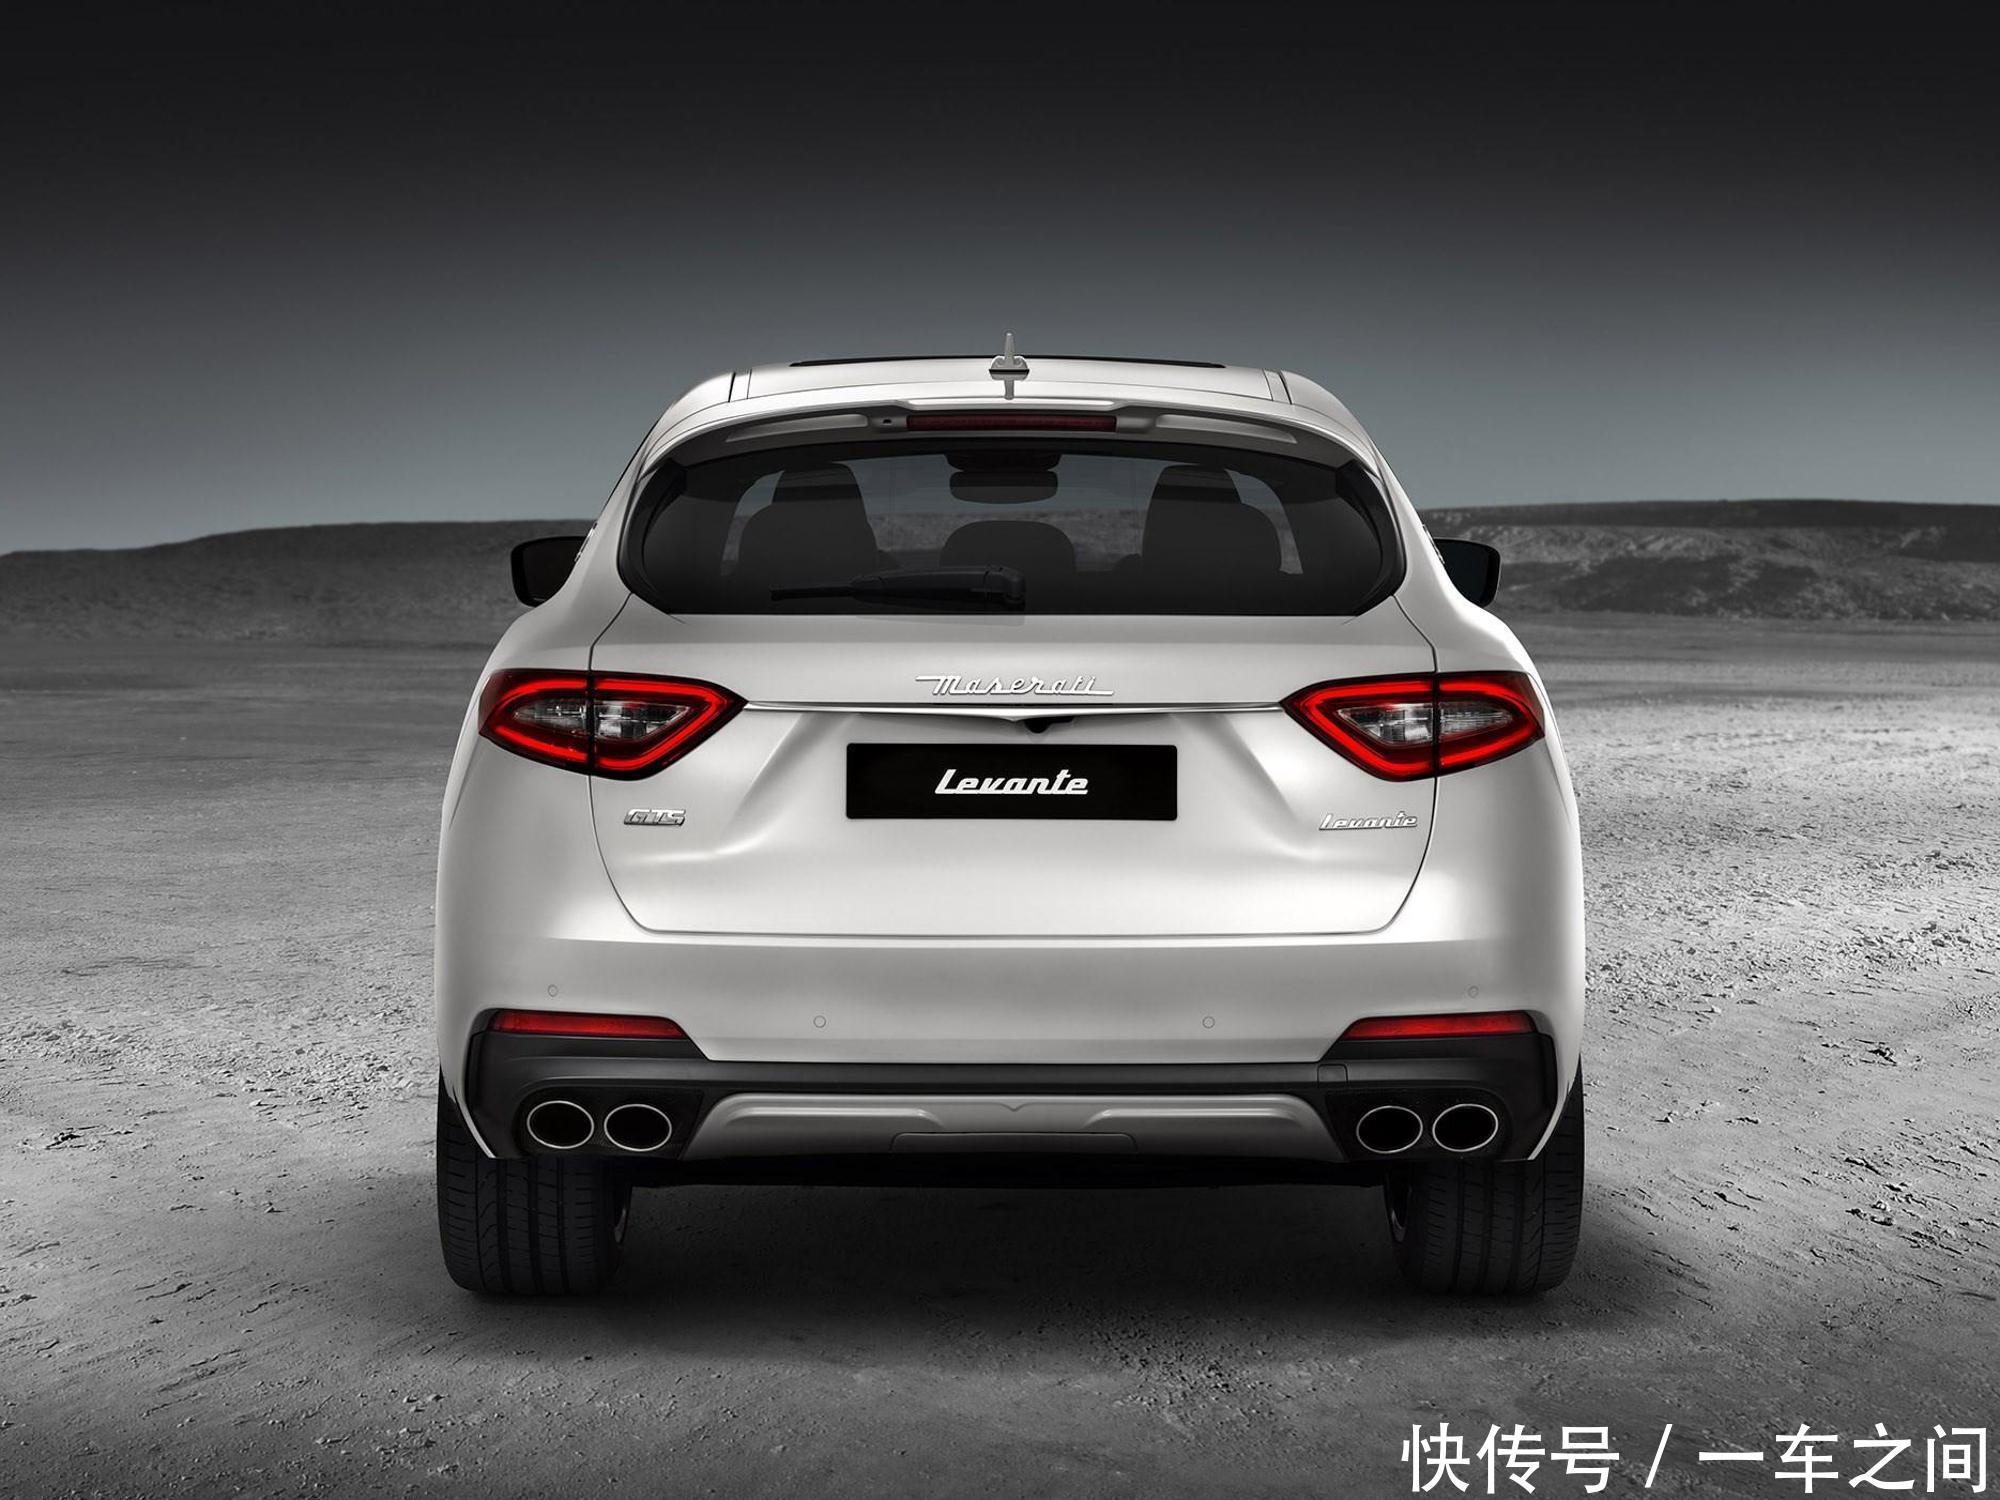 仔细算算,高性能中大型SUV的选手并不算少,奔驰AMG GLE 63、宝马X6 M、保时捷Cayenne Turbo都是非常强劲的选手。玛莎拉蒂怎能放过这个细分市场呢,近日就发布了Levante GTS版,性能同样强劲。将在2019年在国内进行正式上市,喜欢的观众不妨持续关注。  外观造型与普通版差距不大,内凹式的家族式前脸具有不错的辨识度,GTS版采用了双幅式的装饰条,与普通版保持了一定的差异。大灯的造型相比普通版并没有变化,变化最大的无疑是下包围了。采用三段式的设计,两侧进气口面积得到了加大,并带有导